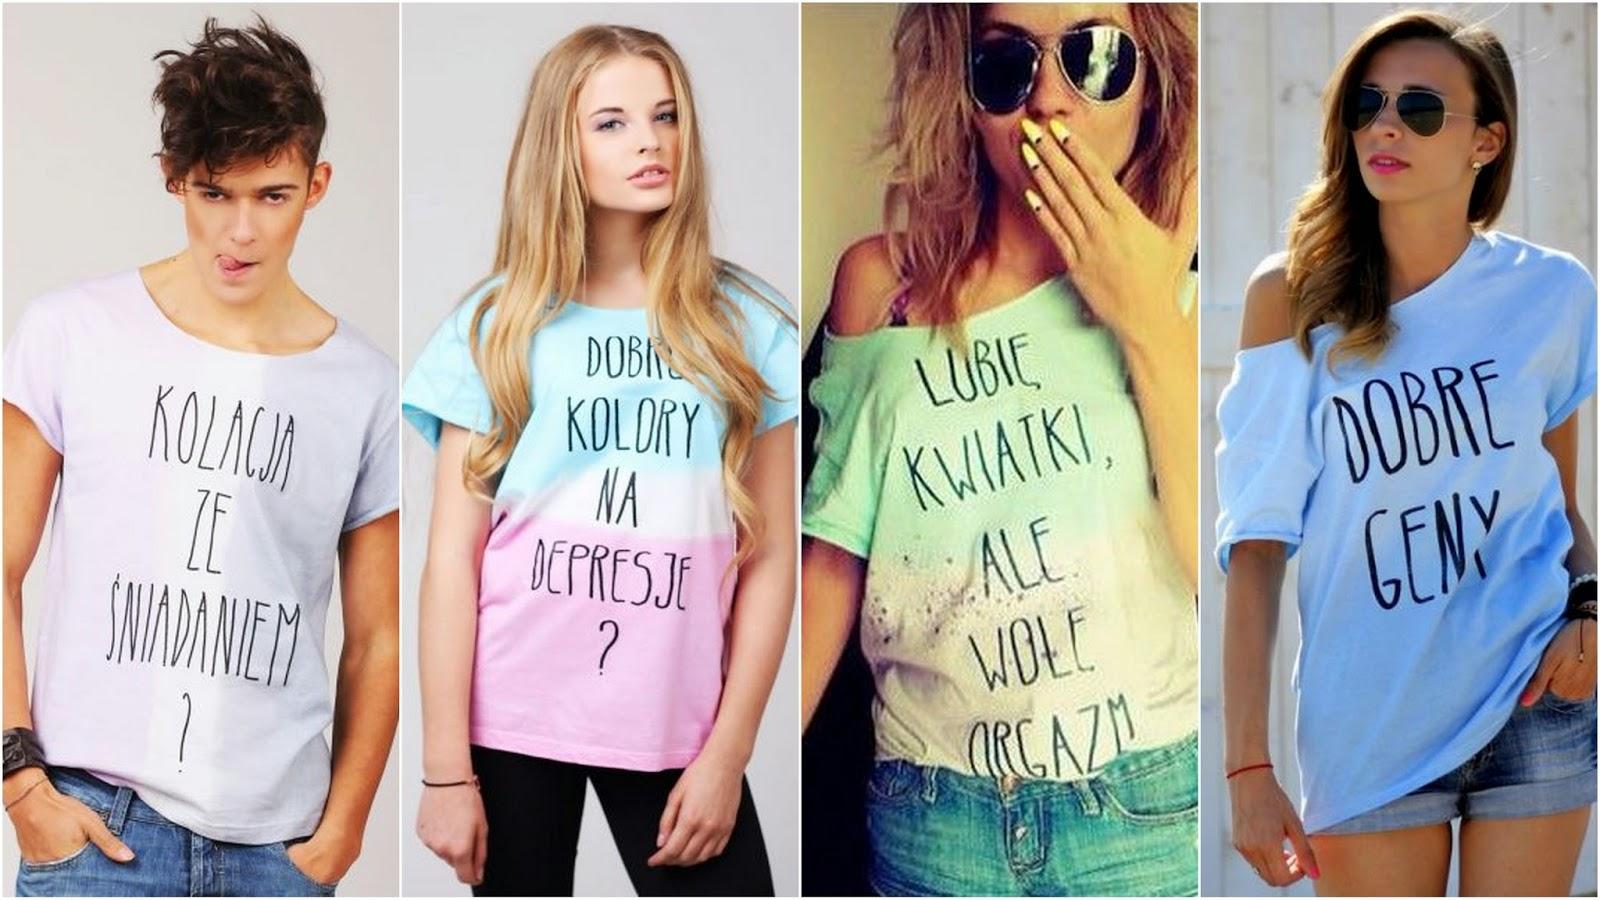 105e8886ea Jakie są teraz modne ubrania  - Zapytaj.onet.pl -